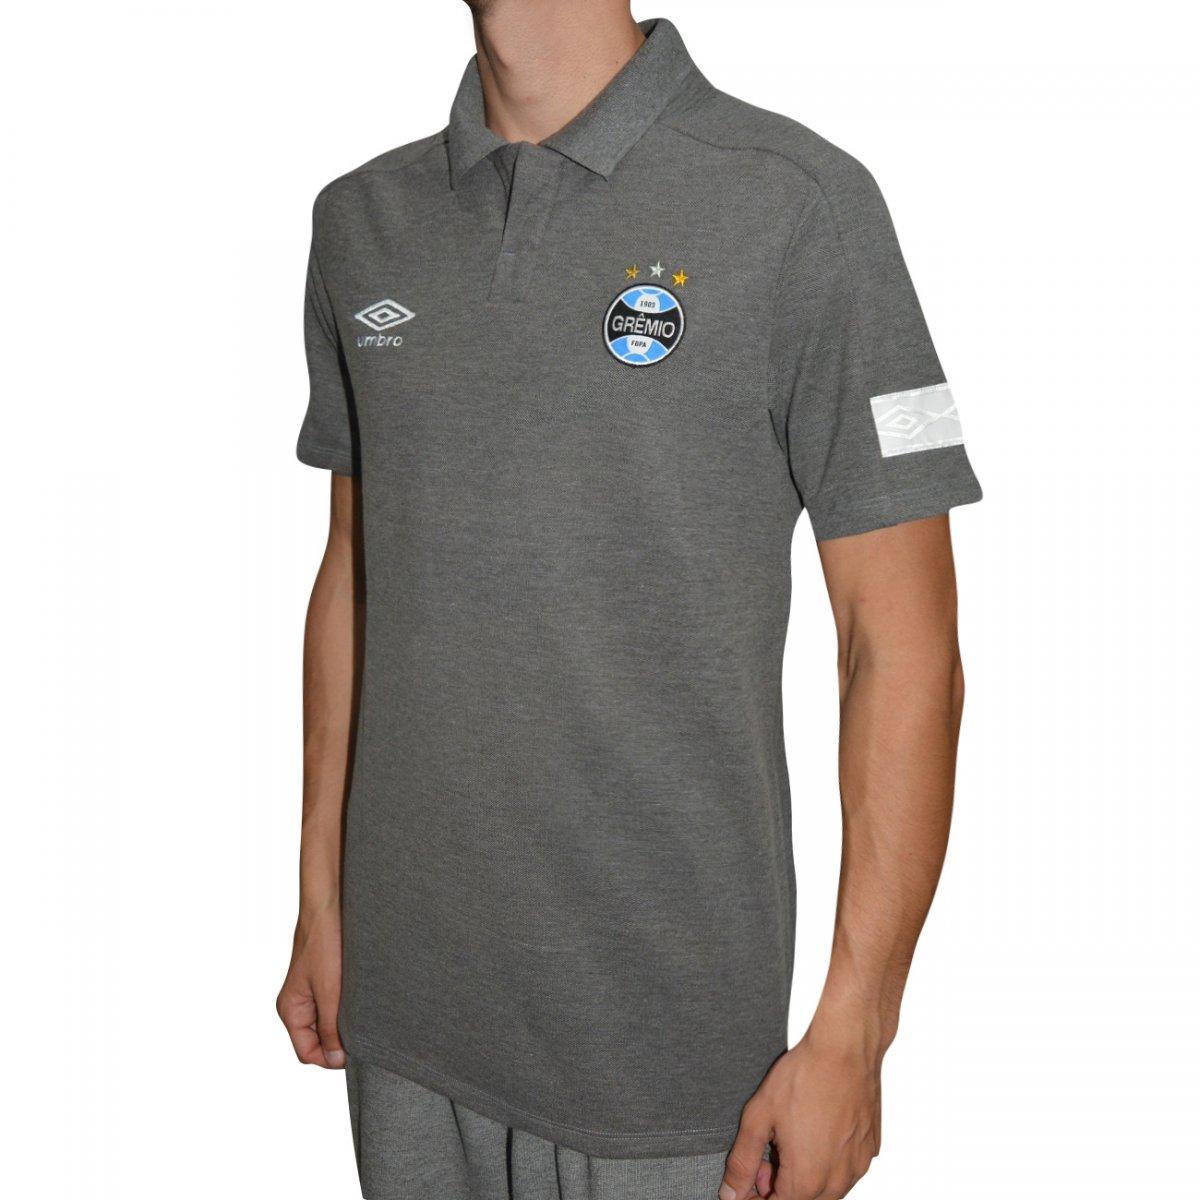 30b7b55529 ... Camisa Polo Gremio Umbro Viagem 2018 771443 - Grafite - Chuteira Nike